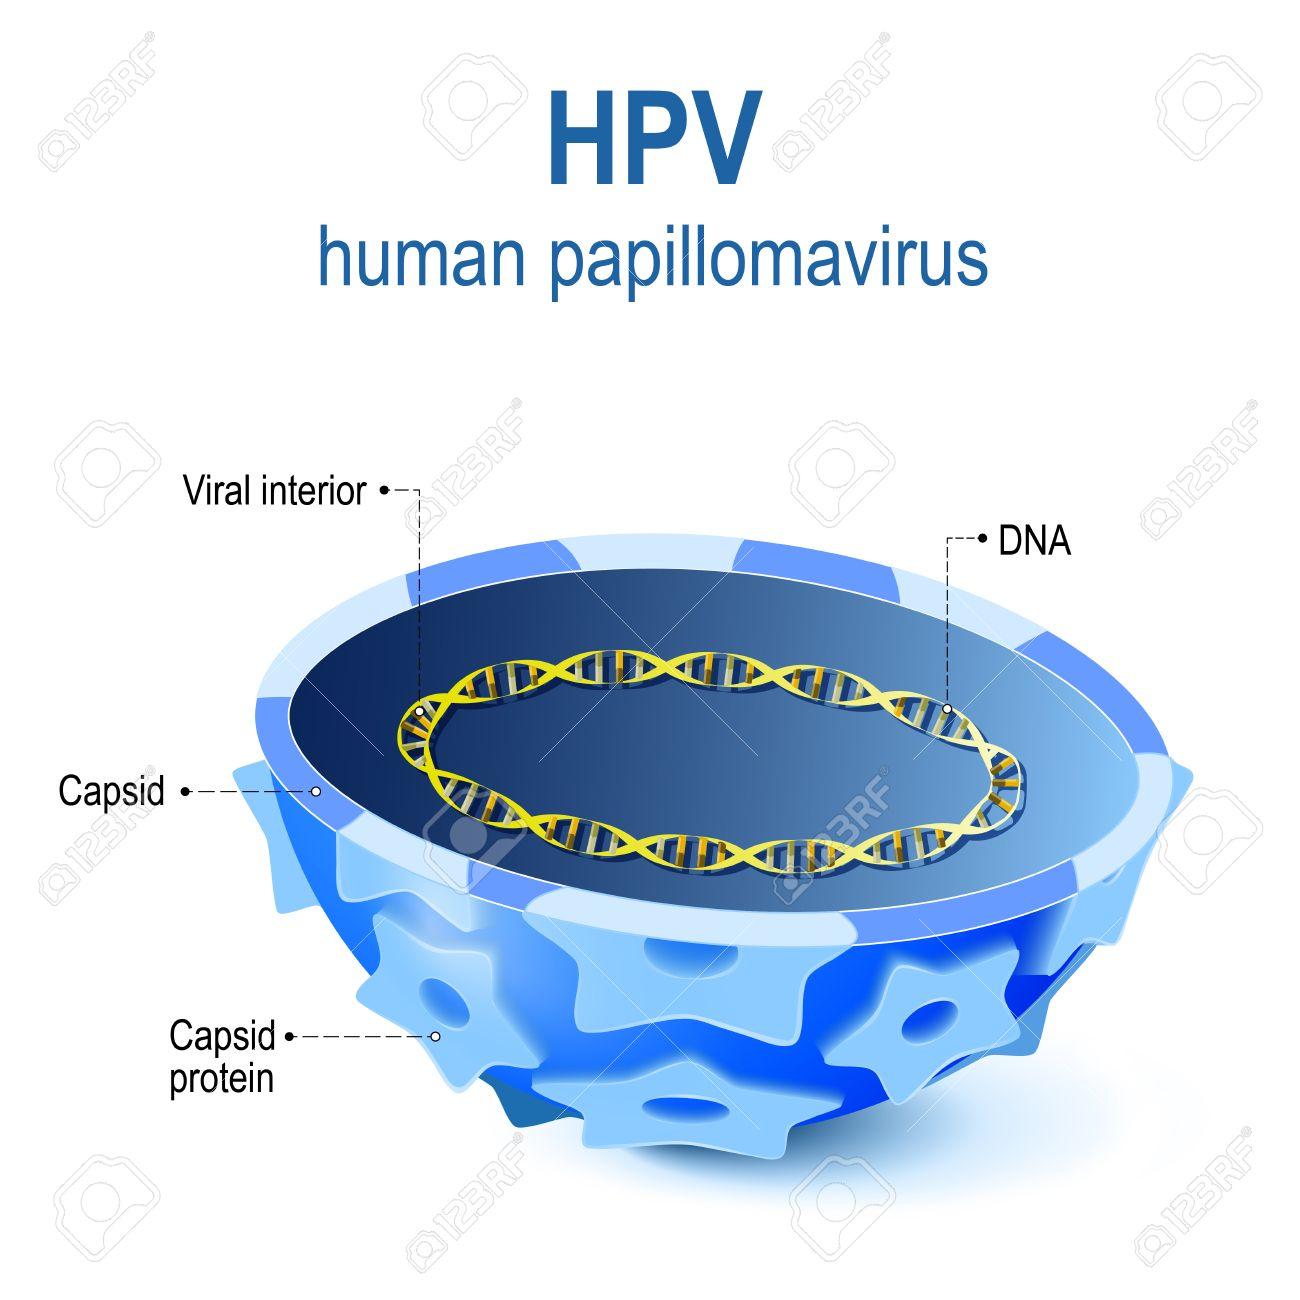 human papillomavirus dna